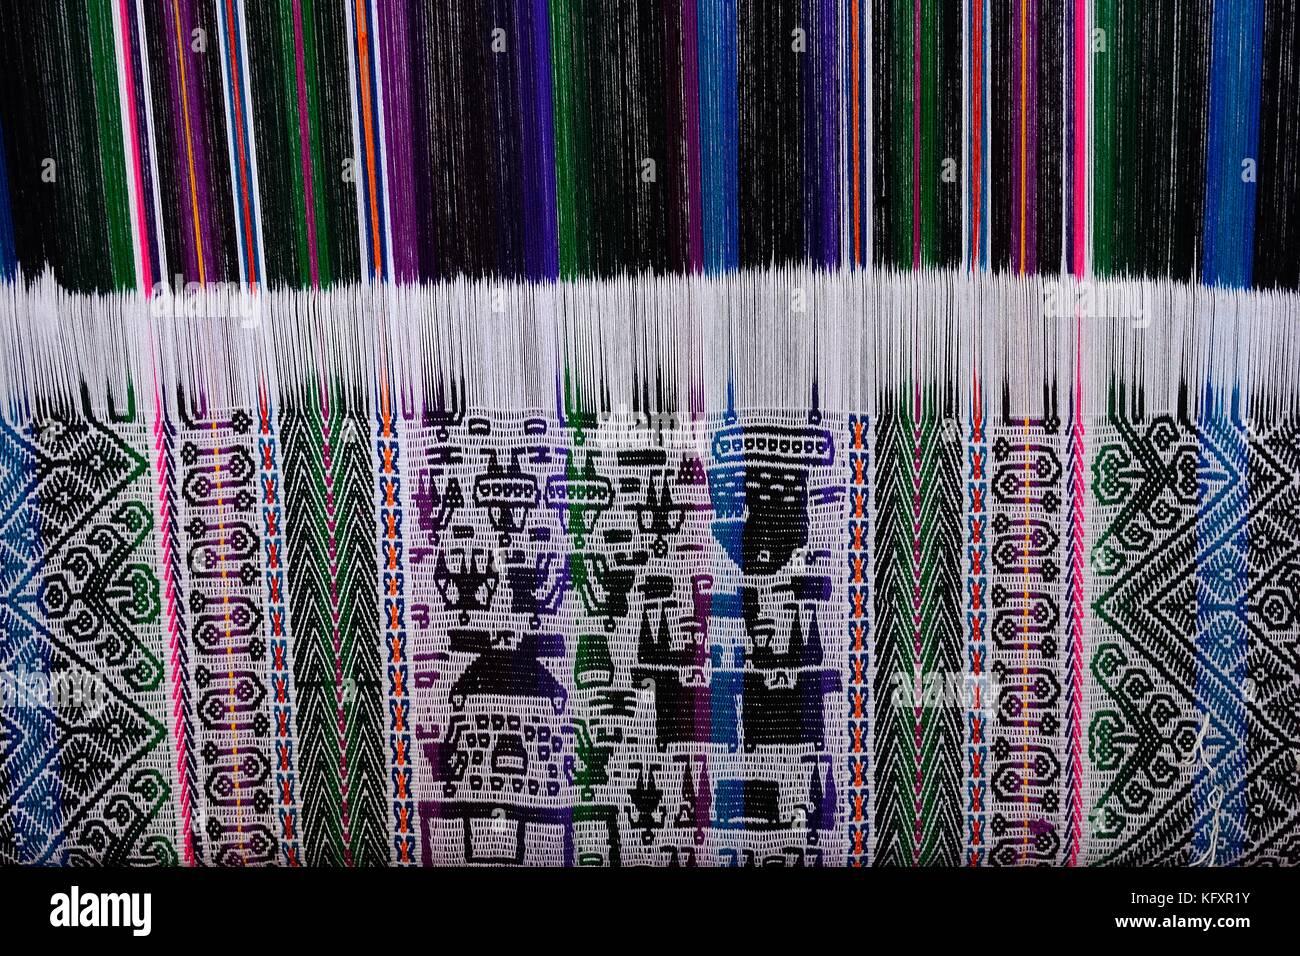 El tejido de telas con patrones típicos, museo de arte indígena, Sucre, Chuquisaca, Bolivia Imagen De Stock